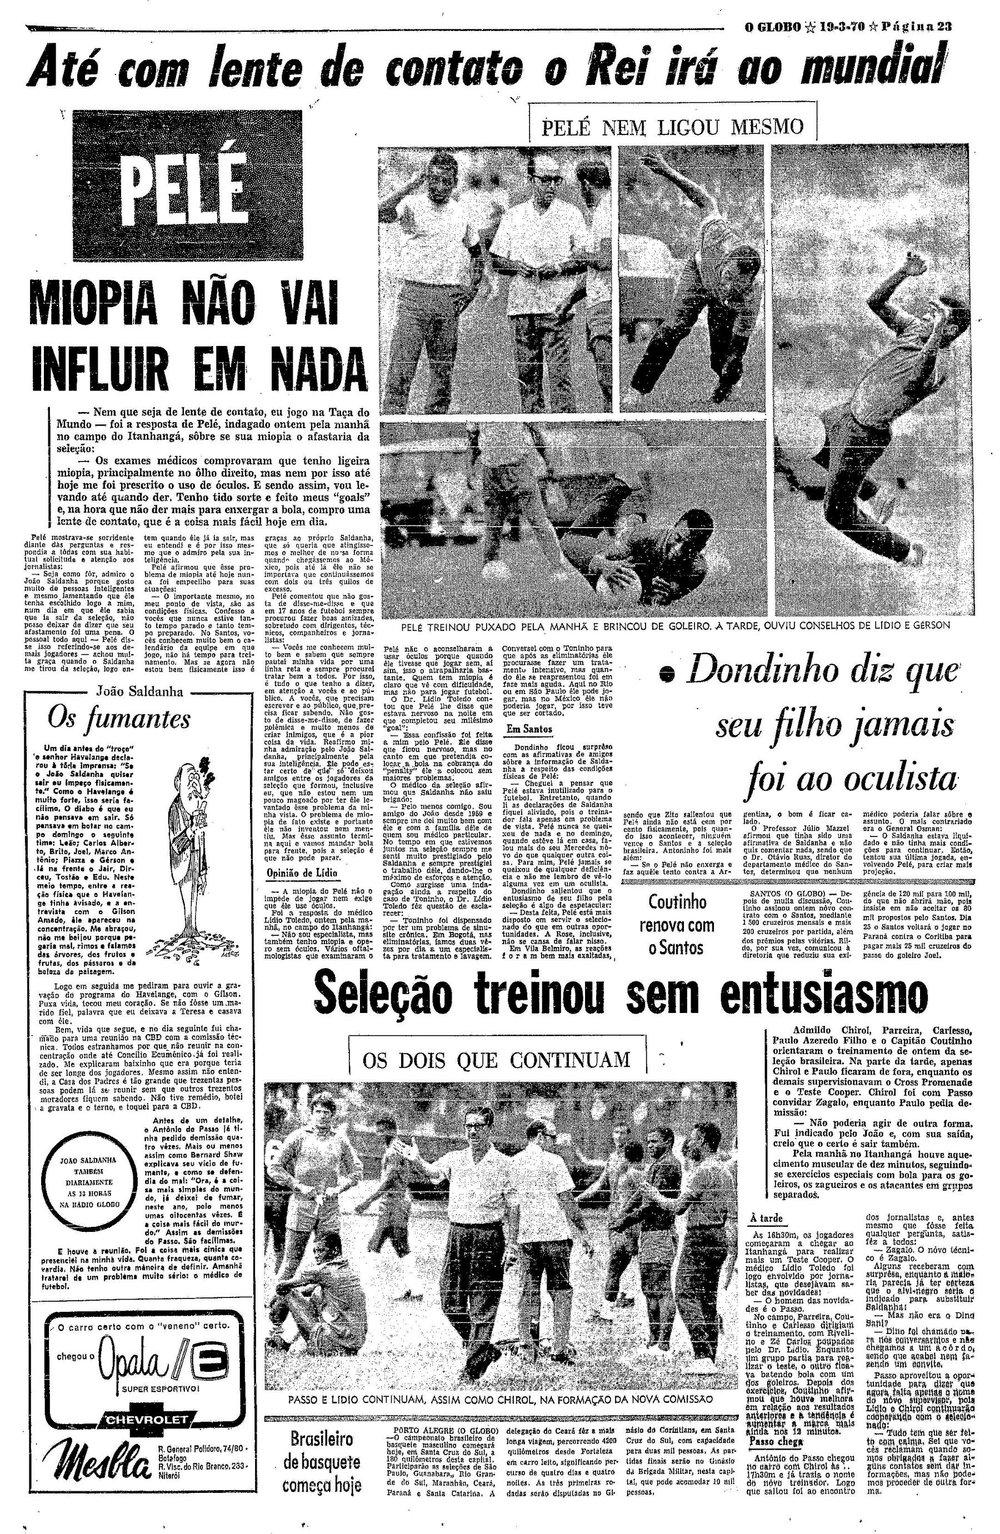 19 de Marco de 1970 p 23.jpg